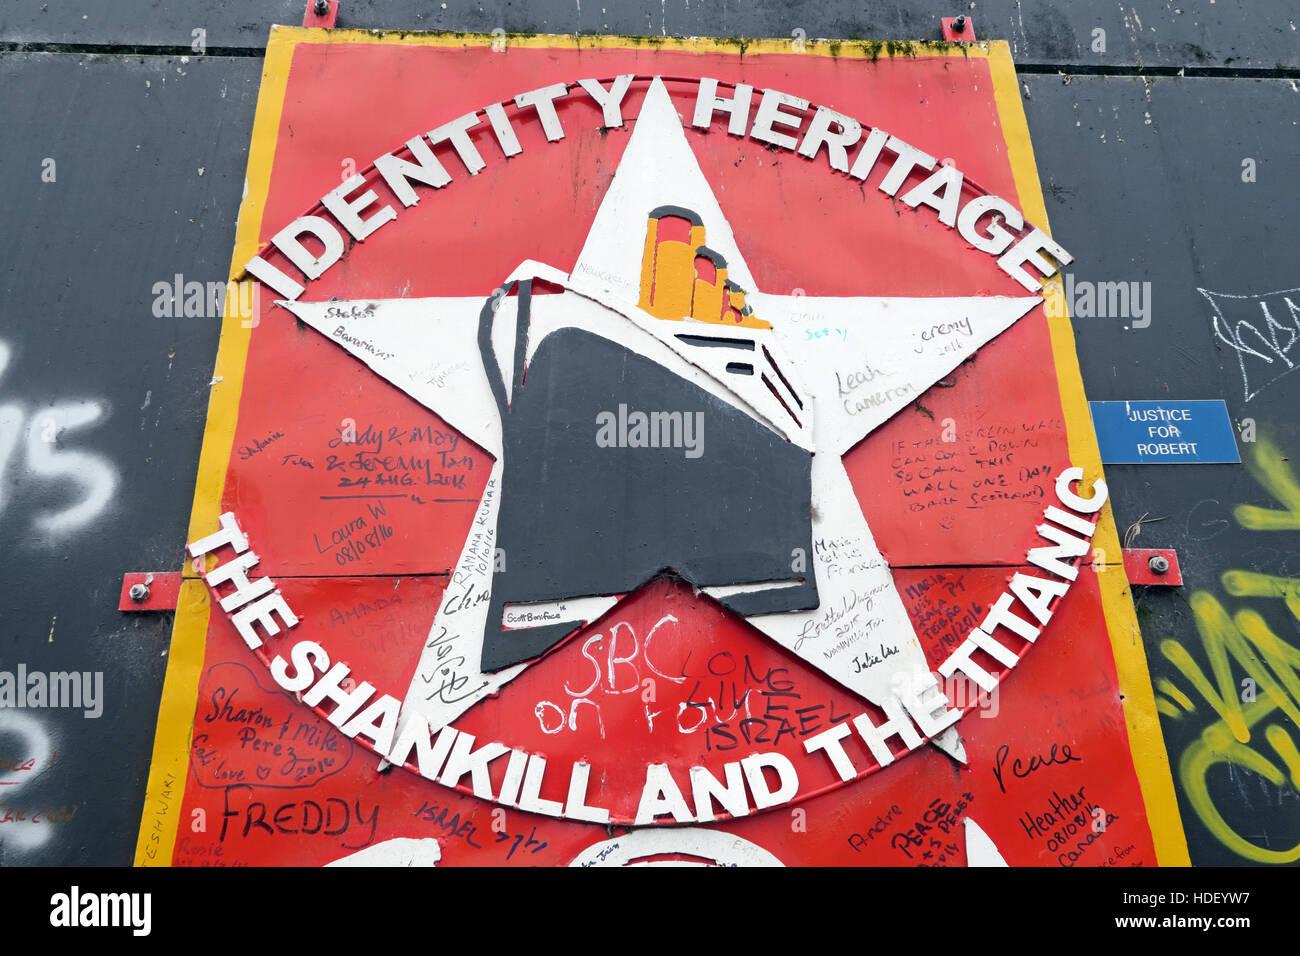 Laden Sie dieses Alamy Stockfoto Identität, Erbe, internationalen Frieden Wand, Cupar Weg, West Belfast, Nordirland, Vereinigtes Königreich - HDEYW7